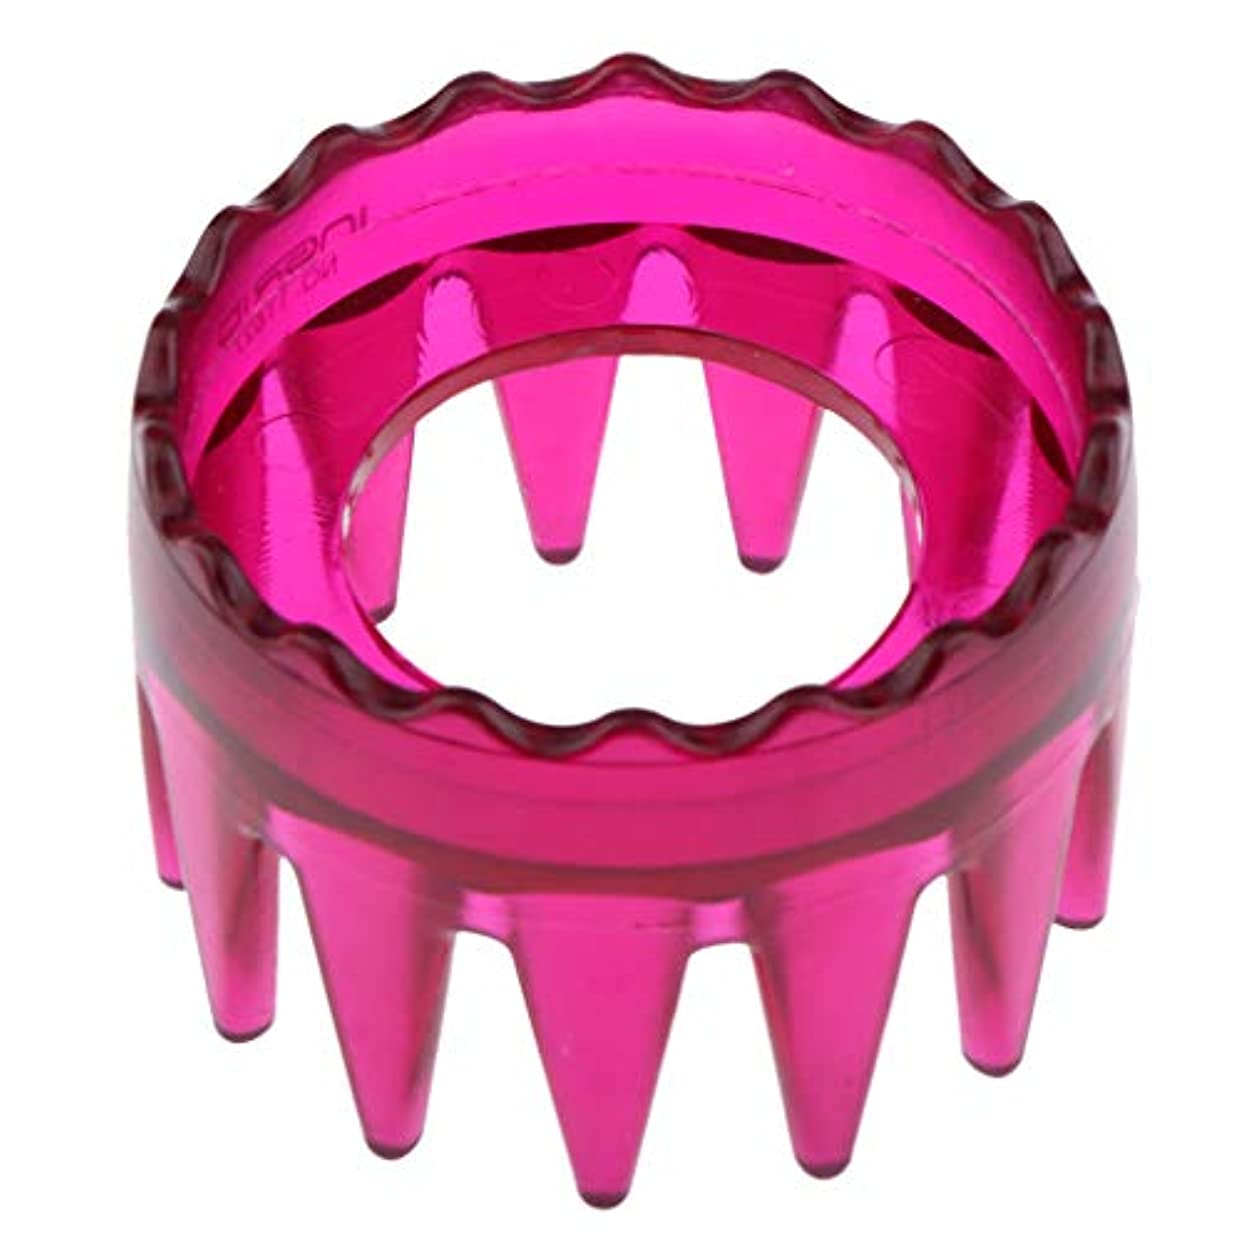 パンチ立場否認するシャンプーブラシ 洗髪櫛 マッサージャー ヘアコーム ヘアブラシ プラスチック製 全4色 - ローズレッド